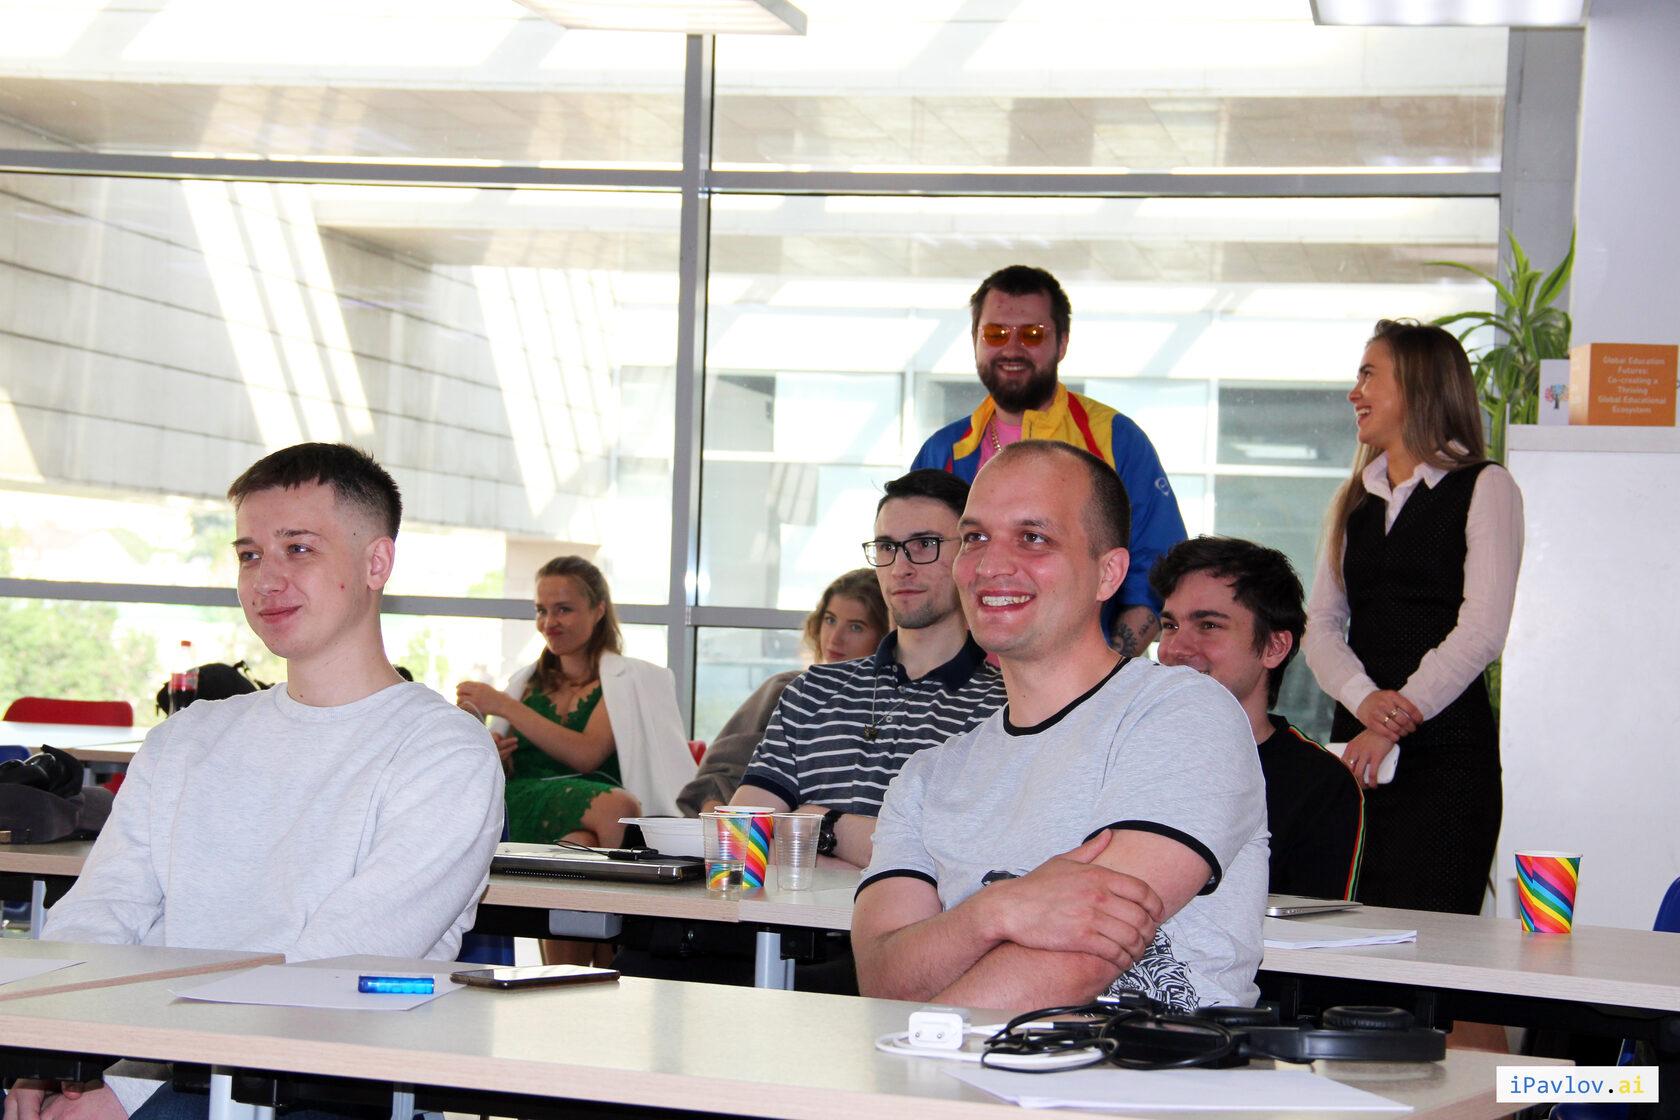 фотография команды с первой летней стратегической сессии iPavlov